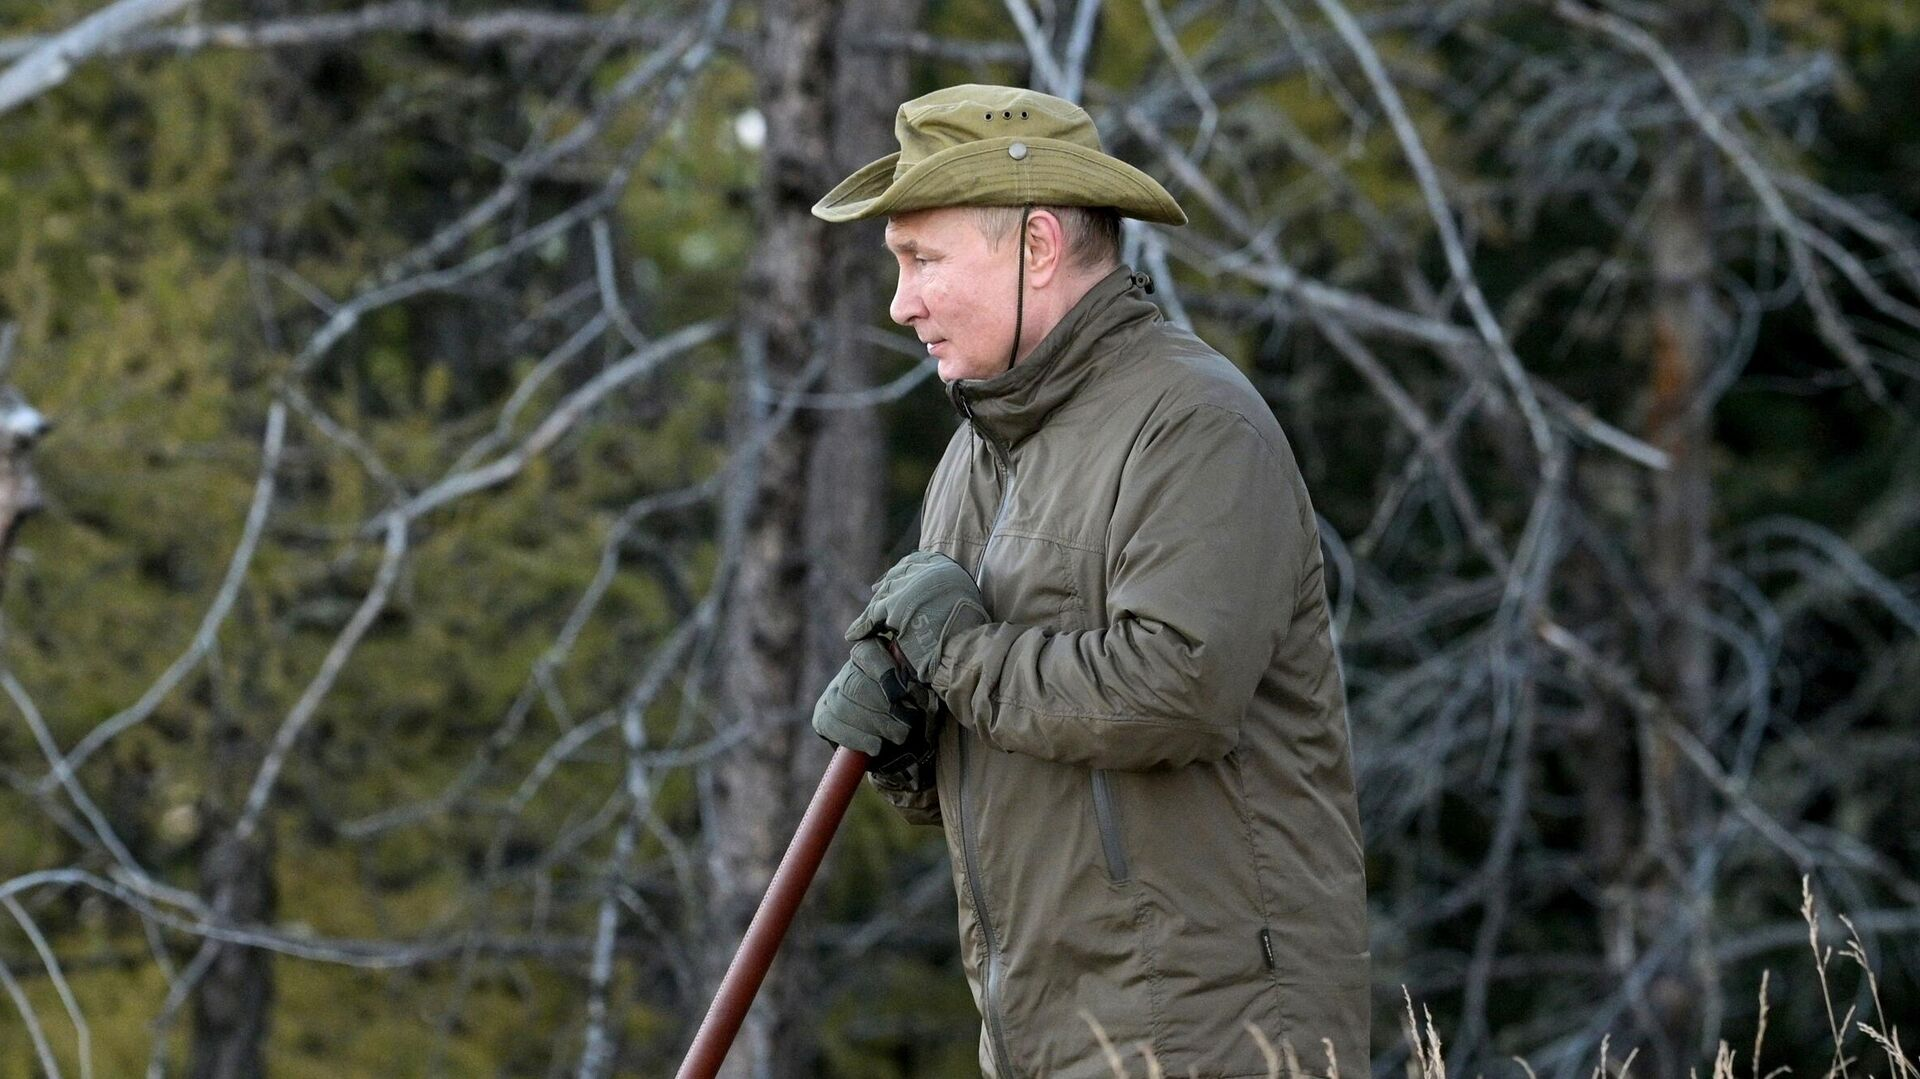 Недруги пытаются нарисовать абсурдный образ Путина, заявили в Кремле